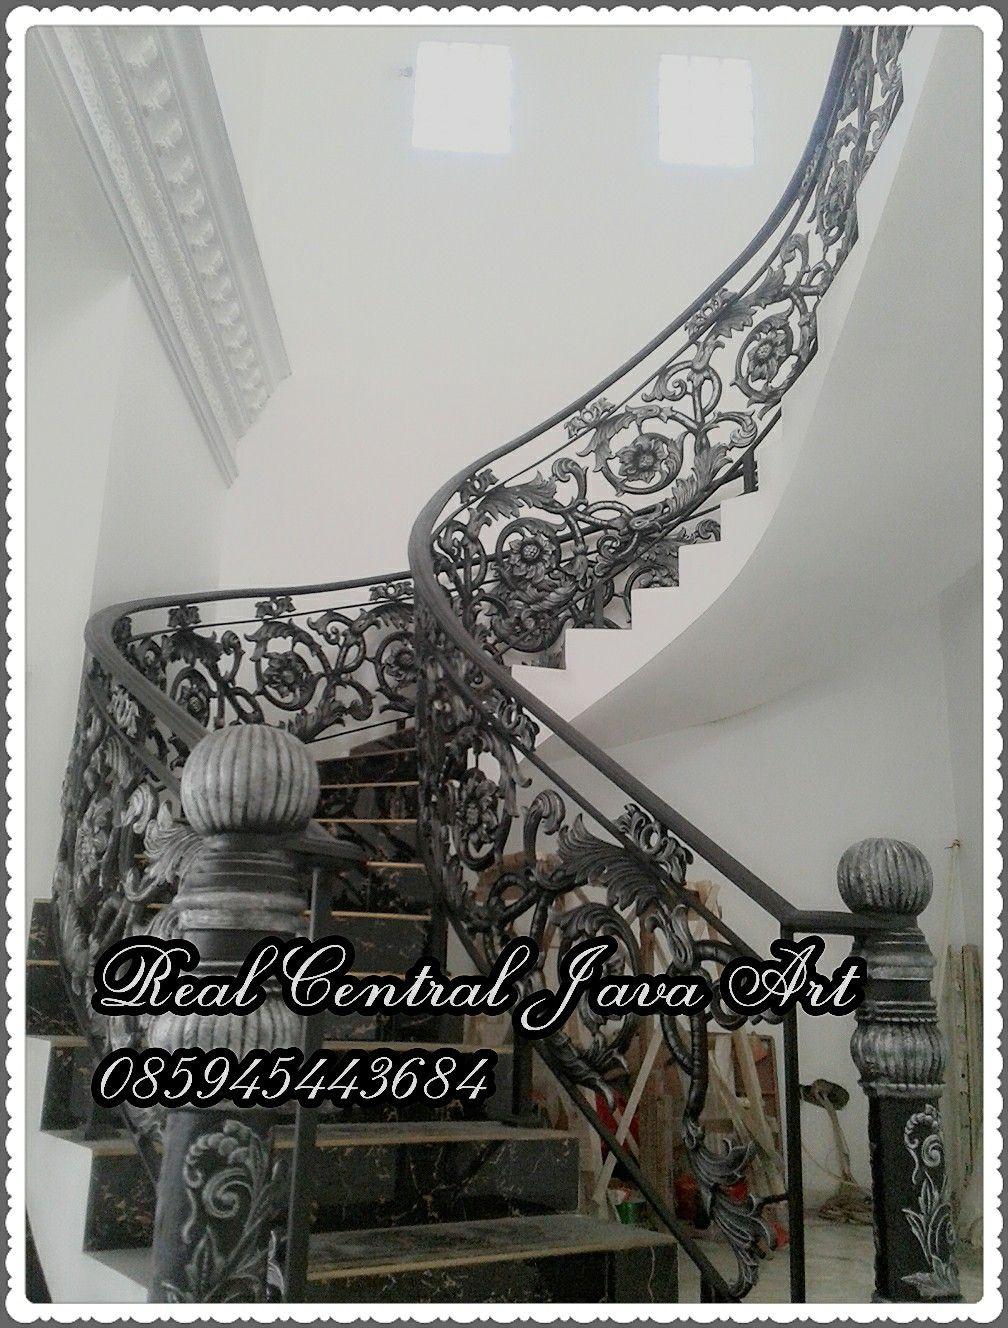 Central Java Art Jl H Bidong Raya Ketapang Cipondoh Ketapang